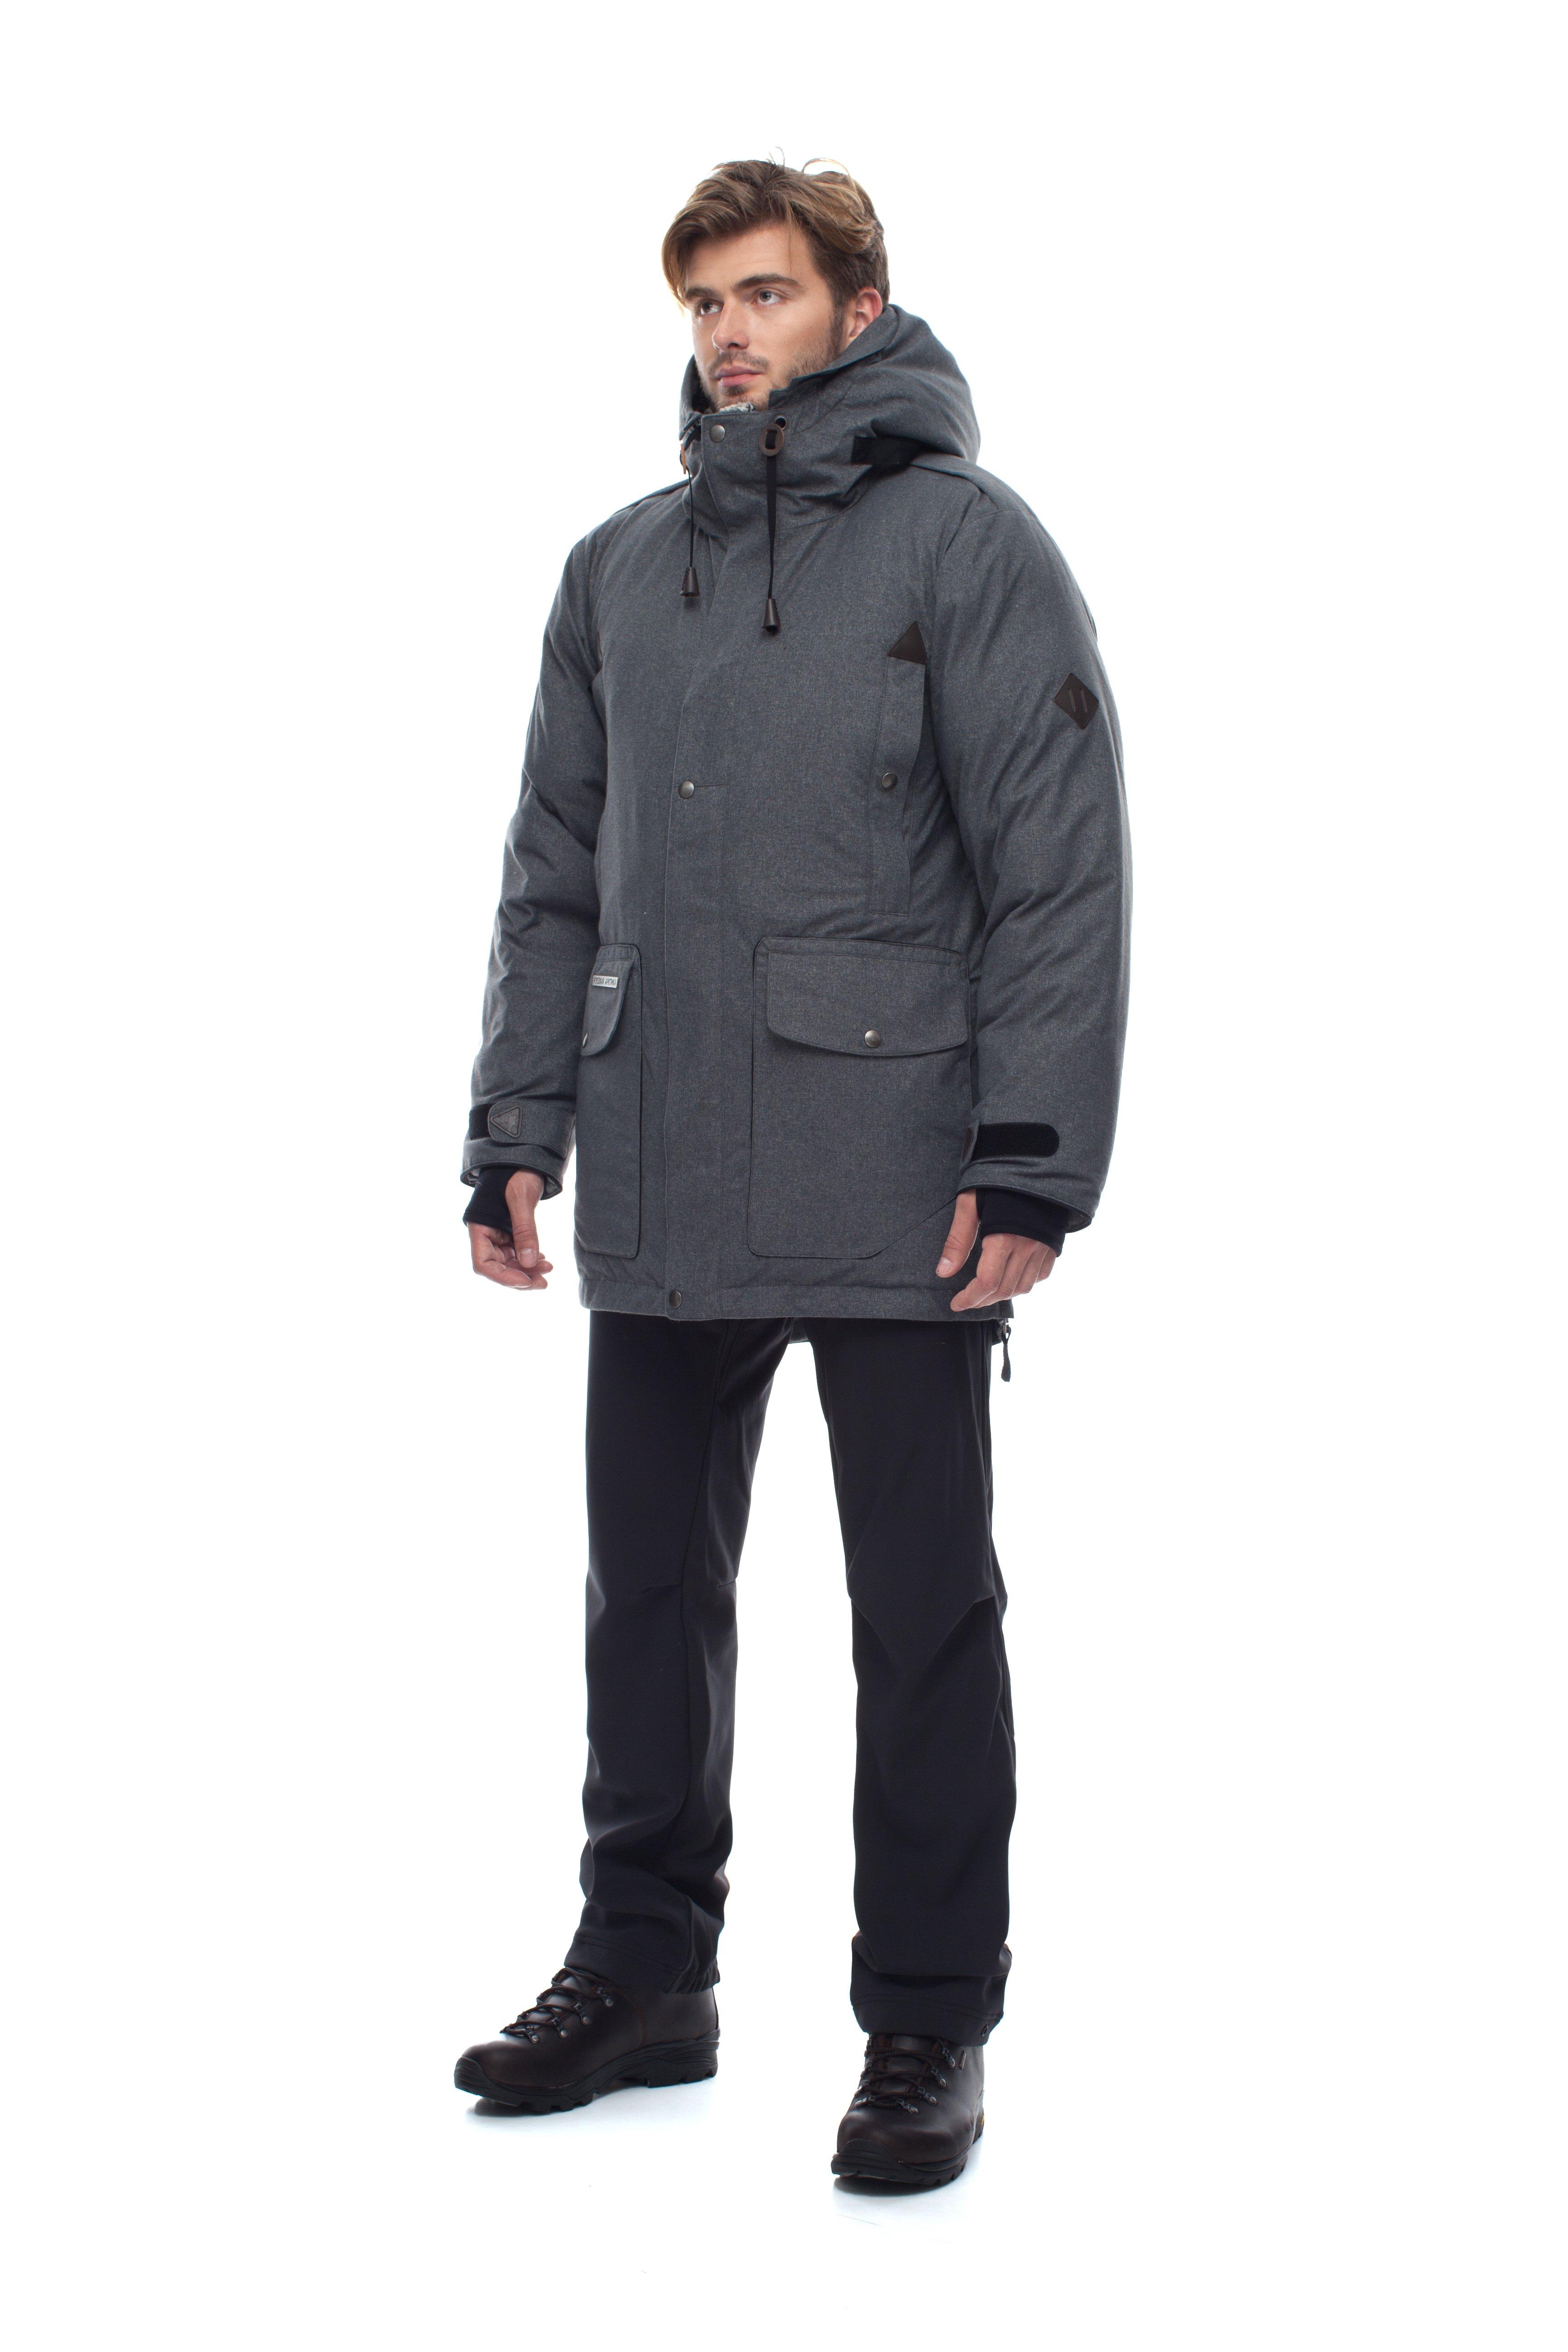 Пуховая куртка BASK PUTORANA SOFT 3774aМужская зимняя пуховая куртка-парка PUTORANA SOFT c мембранной тканью и температурным режимом -35 &amp;deg;С.<br><br>Верхняя ткань: Advance® Alaska Soft Melange<br>Вес граммы: 1920<br>Вес утеплителя: 400<br>Ветро-влагозащитные свойства верхней ткани: Да<br>Ветрозащитная планка: Да<br>Ветрозащитная юбка: Нет<br>Влагозащитные молнии: Нет<br>Внутренние манжеты: Да<br>Внутренняя ткань: Advance® Classic<br>Водонепроницаемость: 10000<br>Дублирующий центральную молнию клапан: Да<br>Защитный козырёк капюшона: Нет<br>Капюшон: несъемный<br>Карман для средств связи: Нет<br>Количество внешних карманов: 8<br>Количество внутренних карманов: 2<br>Мембрана: да<br>Объемный крой локтевой зоны: Нет<br>Отстёгивающиеся рукава: Нет<br>Паропроницаемость: 5000<br>Показатель Fill Power (для пуховых изделий): 650<br>Пол: Муж.<br>Проклейка швов: Нет<br>Регулировка манжетов рукавов: Да<br>Регулировка низа: Нет<br>Регулировка объёма капюшона: Да<br>Регулировка талии: Да<br>Регулируемые вентиляционные отверстия: Нет<br>Световозвращающая лента: Нет<br>Температурный режим: -35<br>Технология Thermal Welding: Нет<br>Технология швов: простые<br>Тип молнии: двухзамковая<br>Ткань усиления: нет<br>Усиление контактных зон: Нет<br>Утеплитель: гусиный пух<br>Размер RU: 56<br>Цвет: СИНИЙ